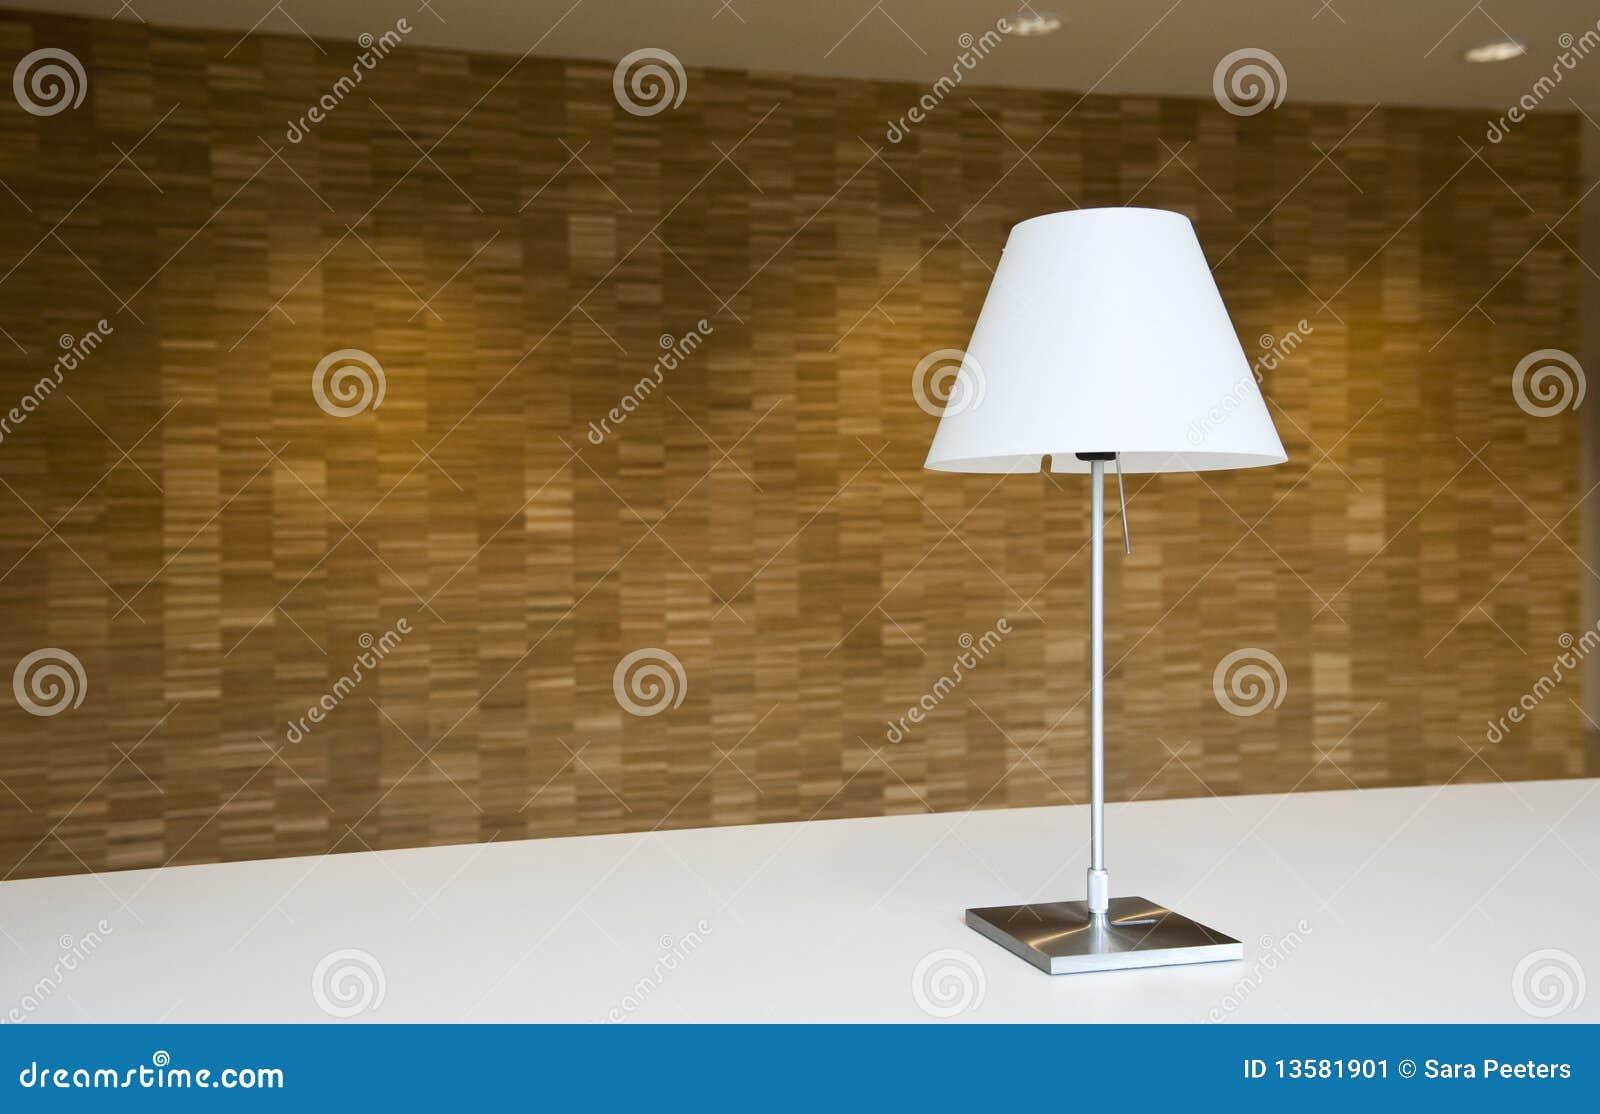 Lampada & parete